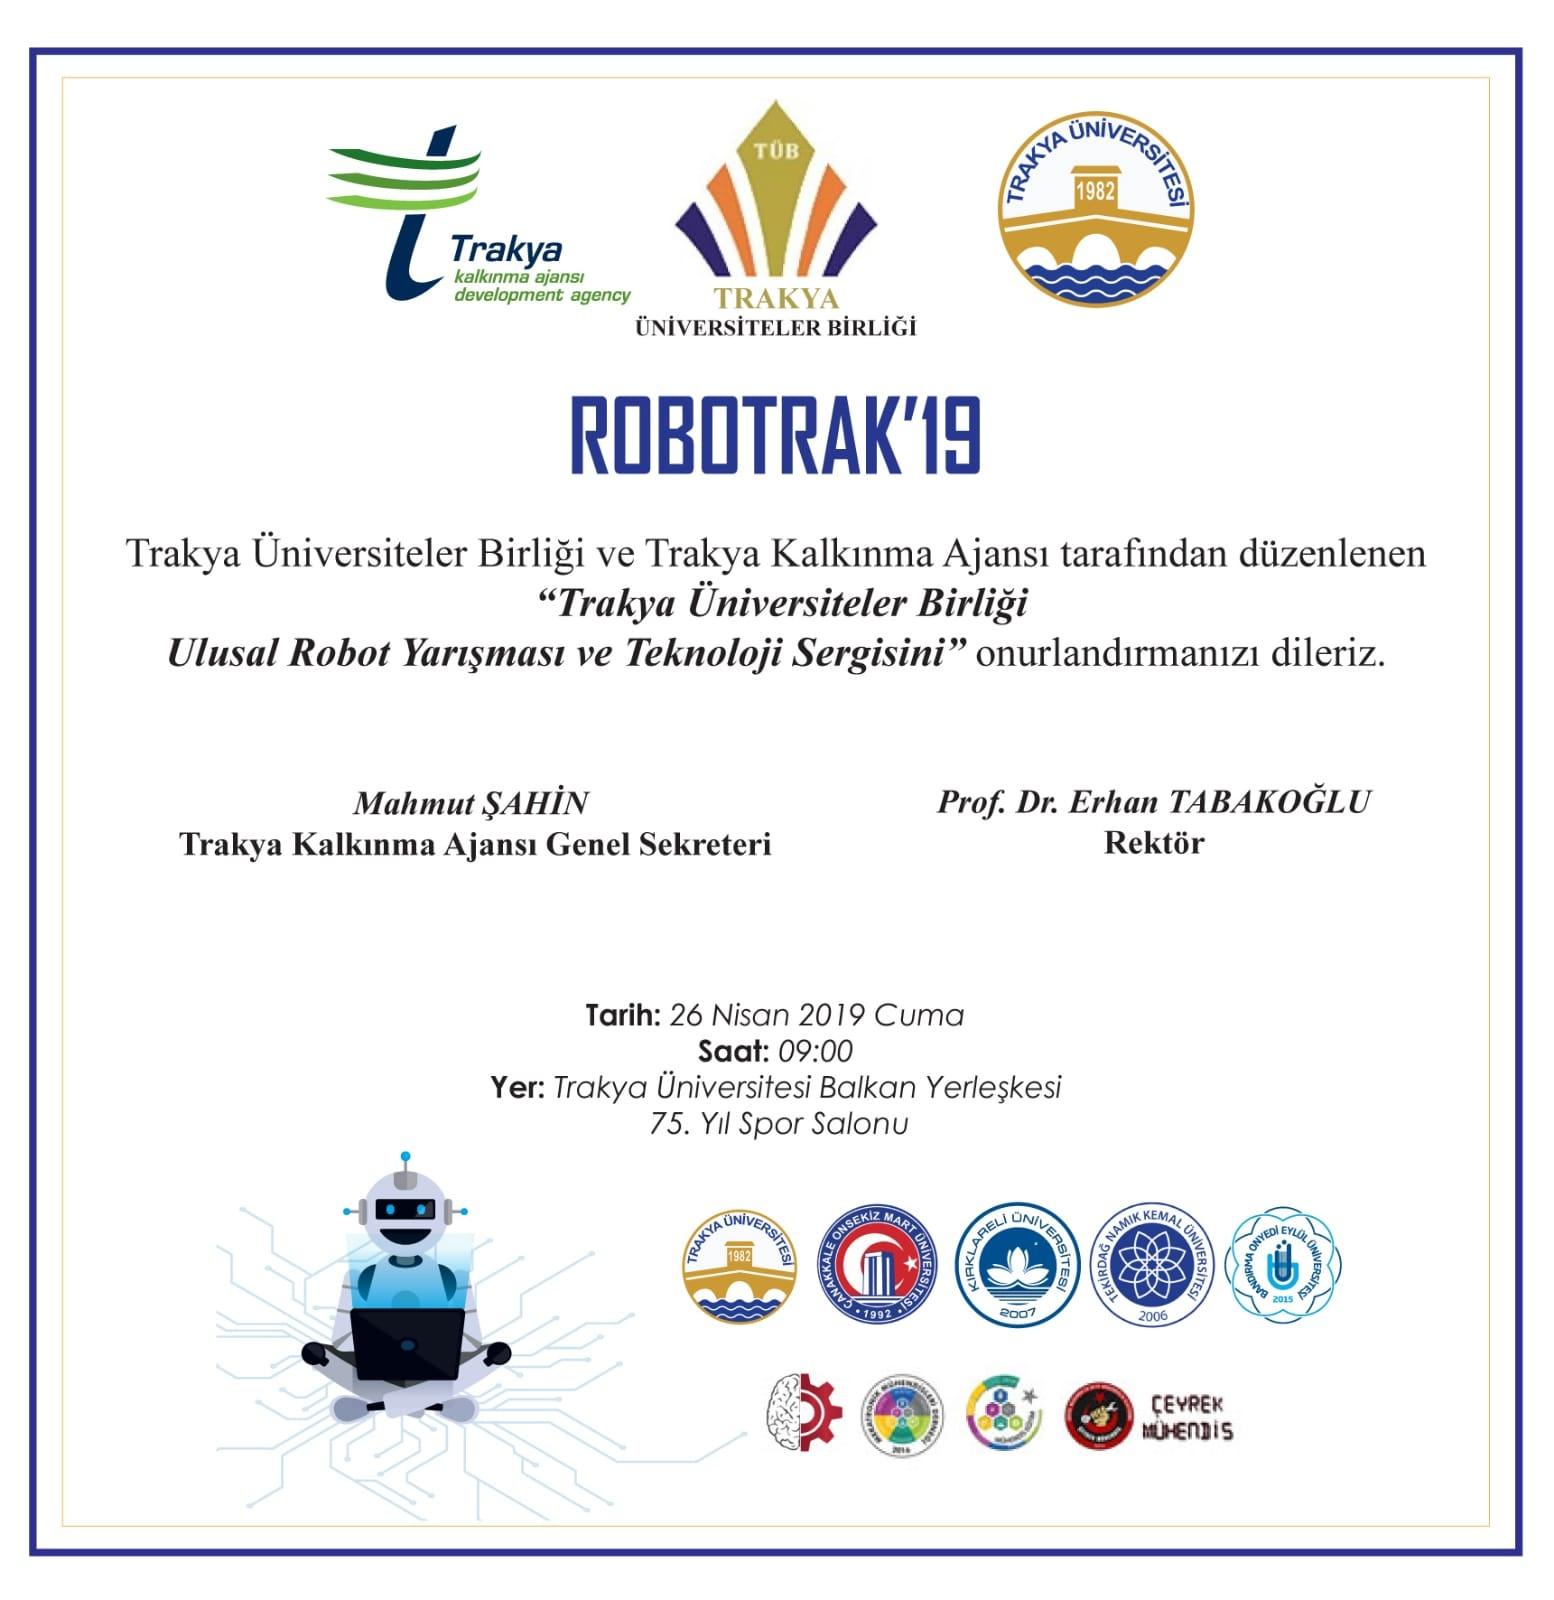 Tüb Ulusal Robot Yarışması Ve Teknoloji Sergisi çomü Duyuru